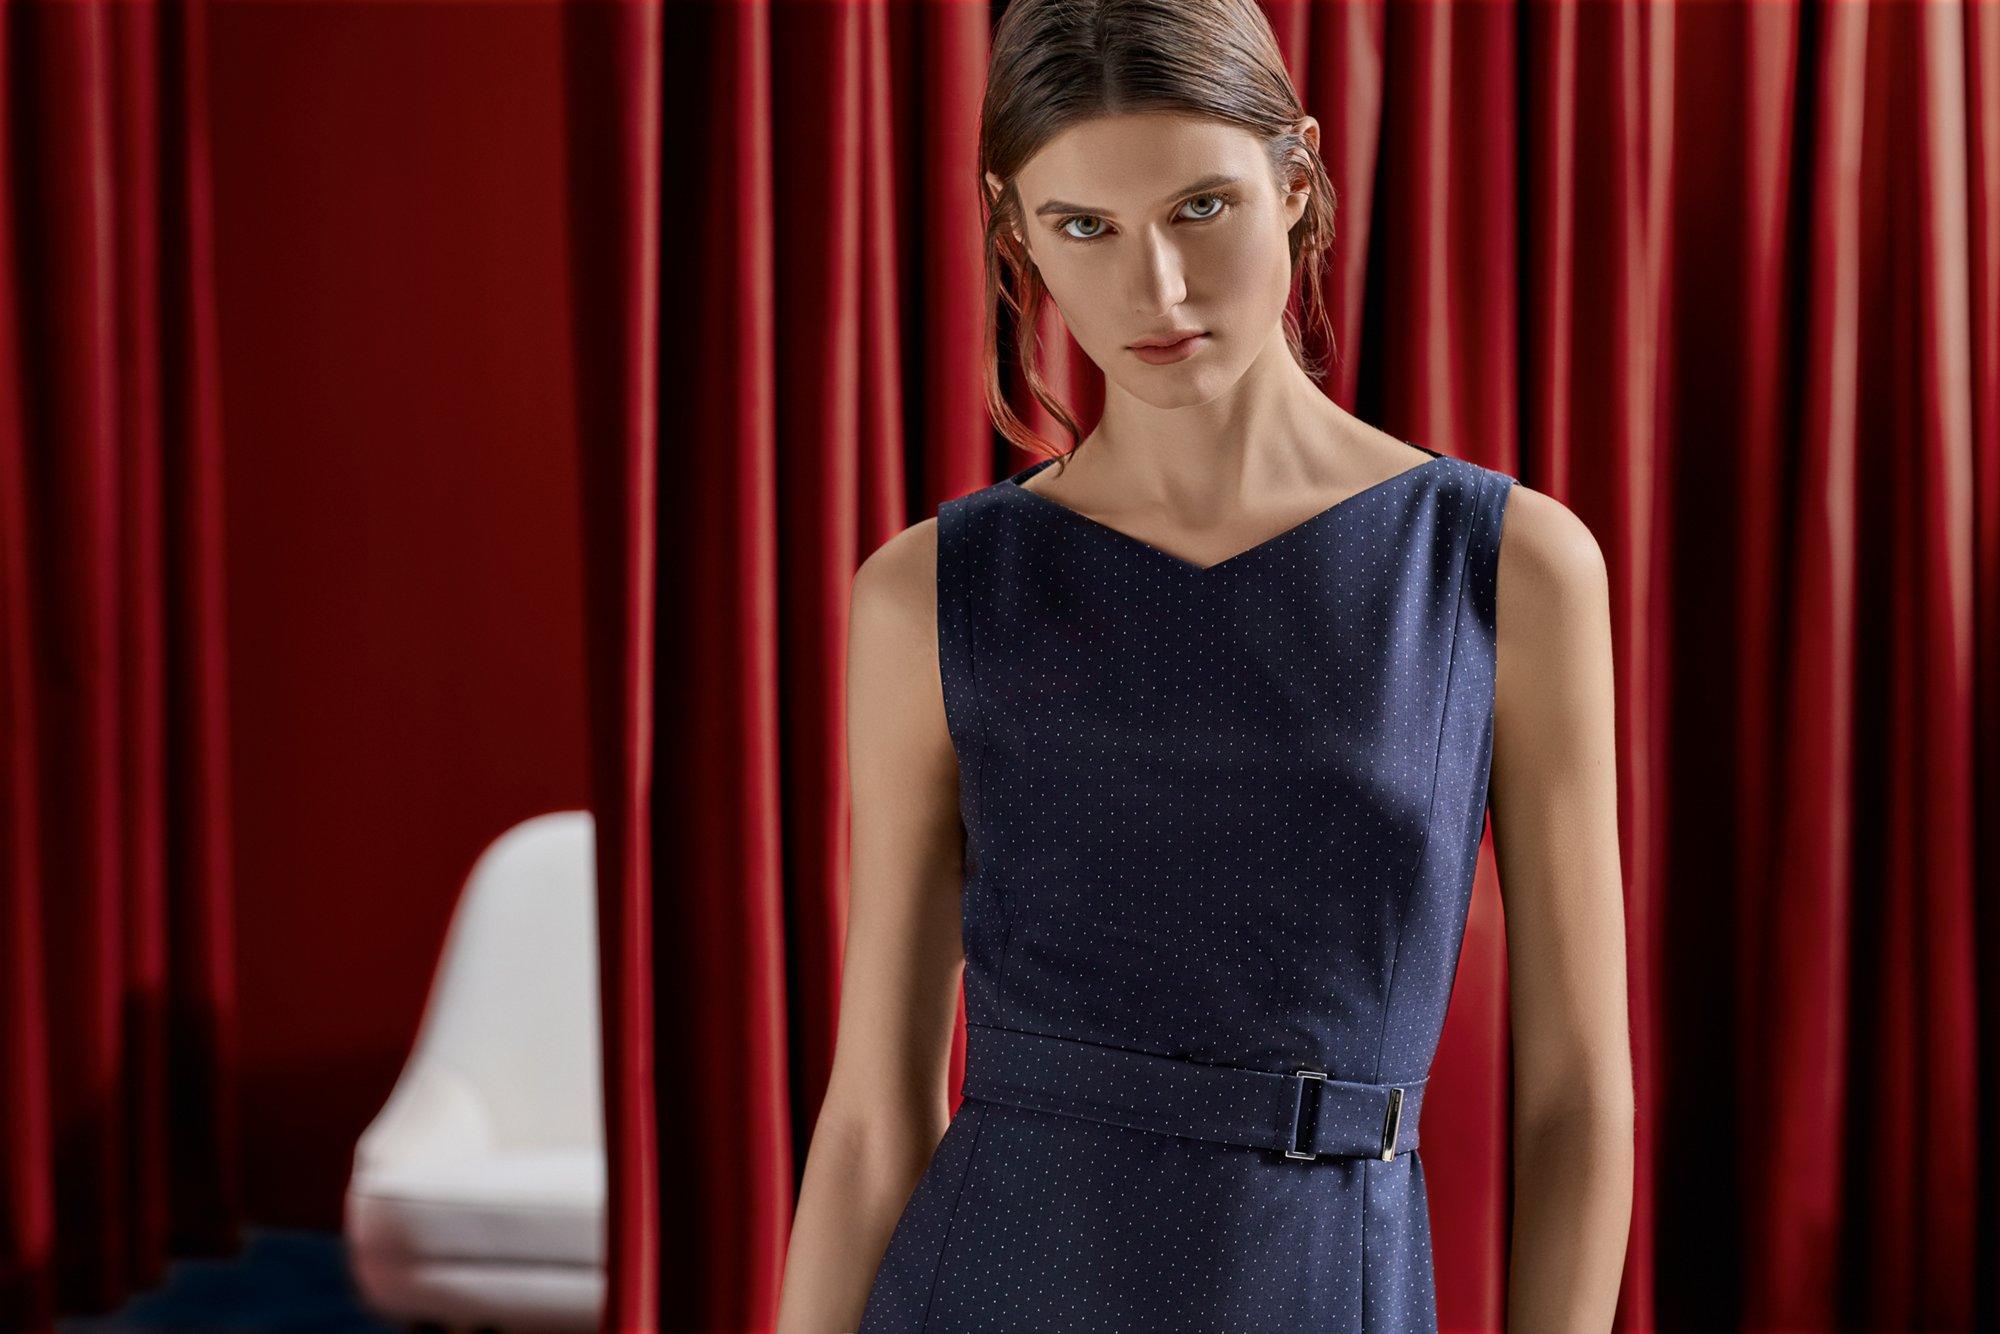 在玩世不恭与职业干练中找到完美的平衡点。探索BOSS女装系列百变商务混搭风格